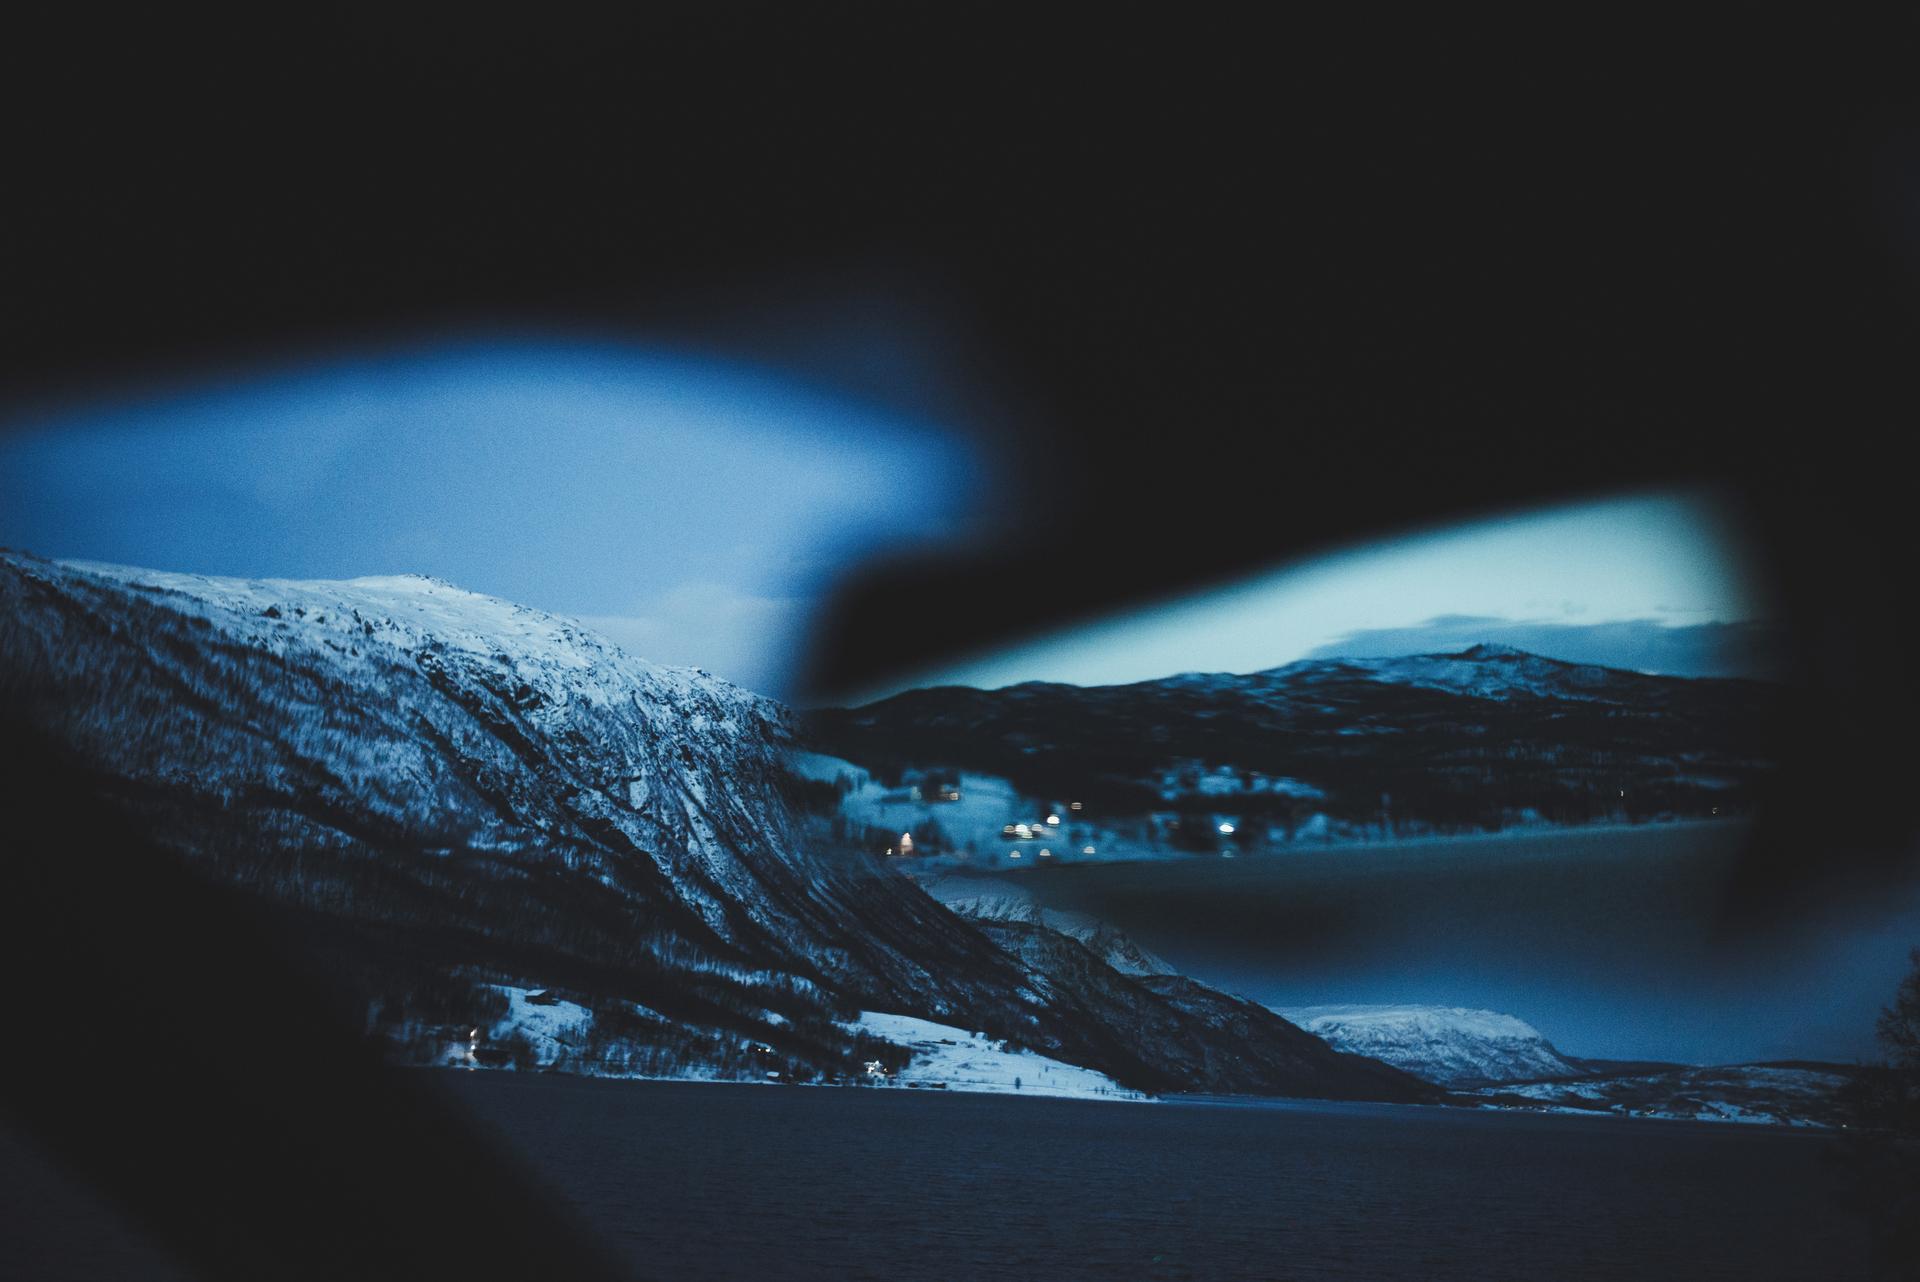 okolice tromso norwegia